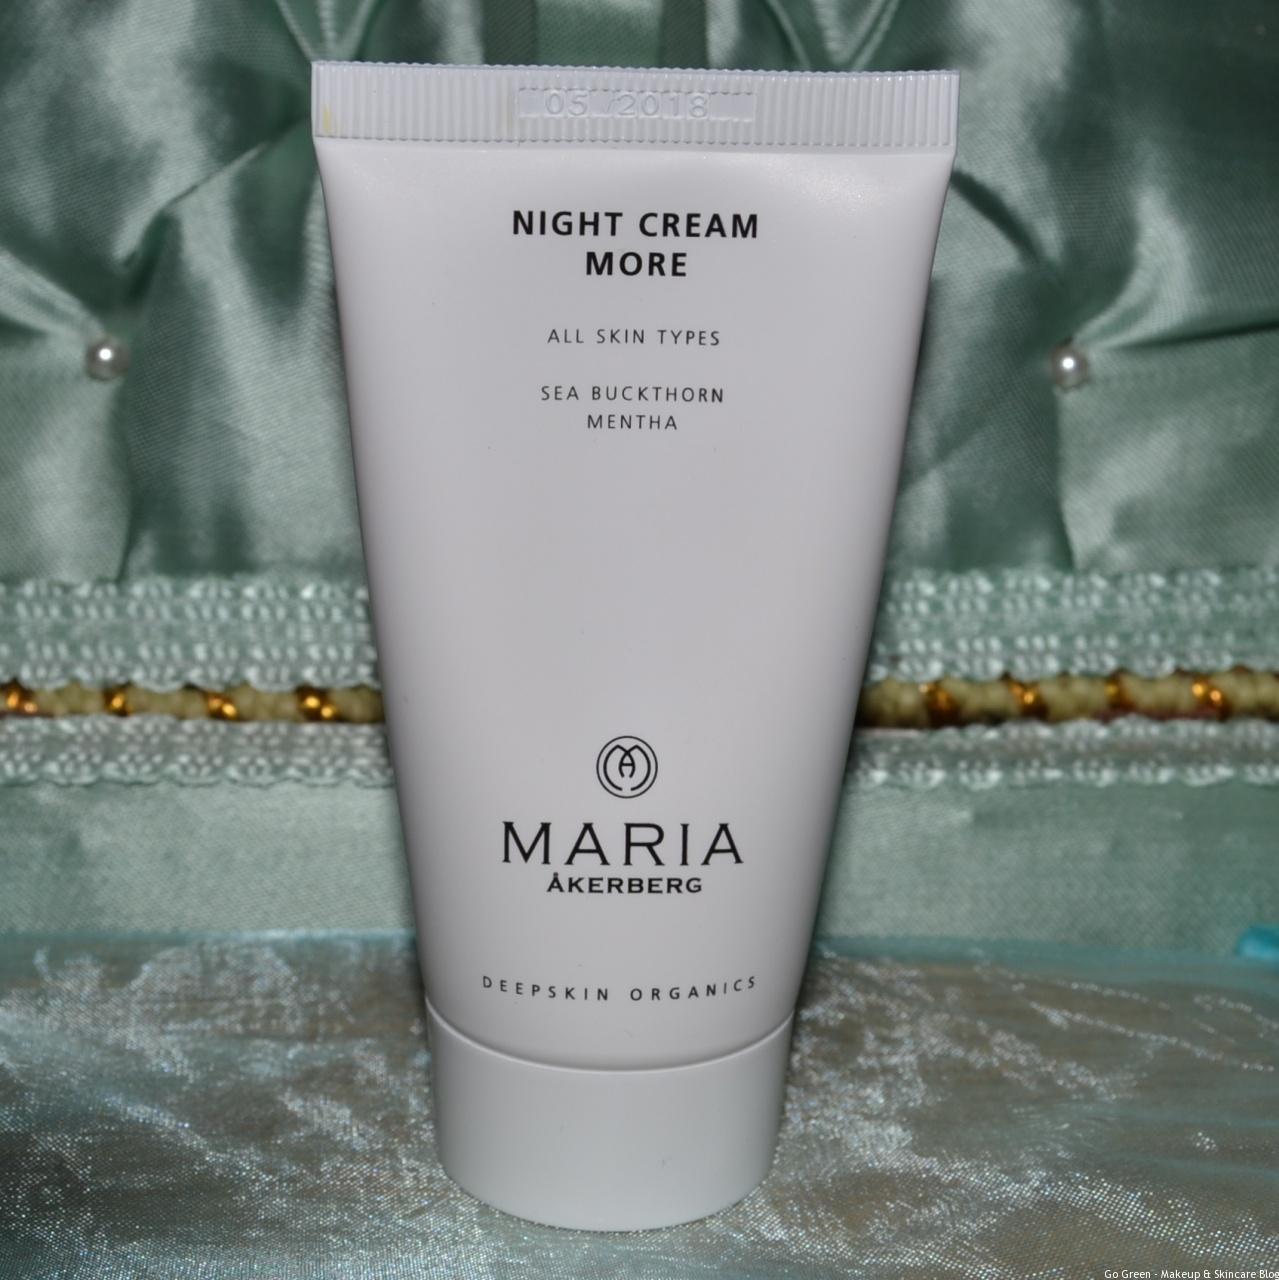 Night Cream More